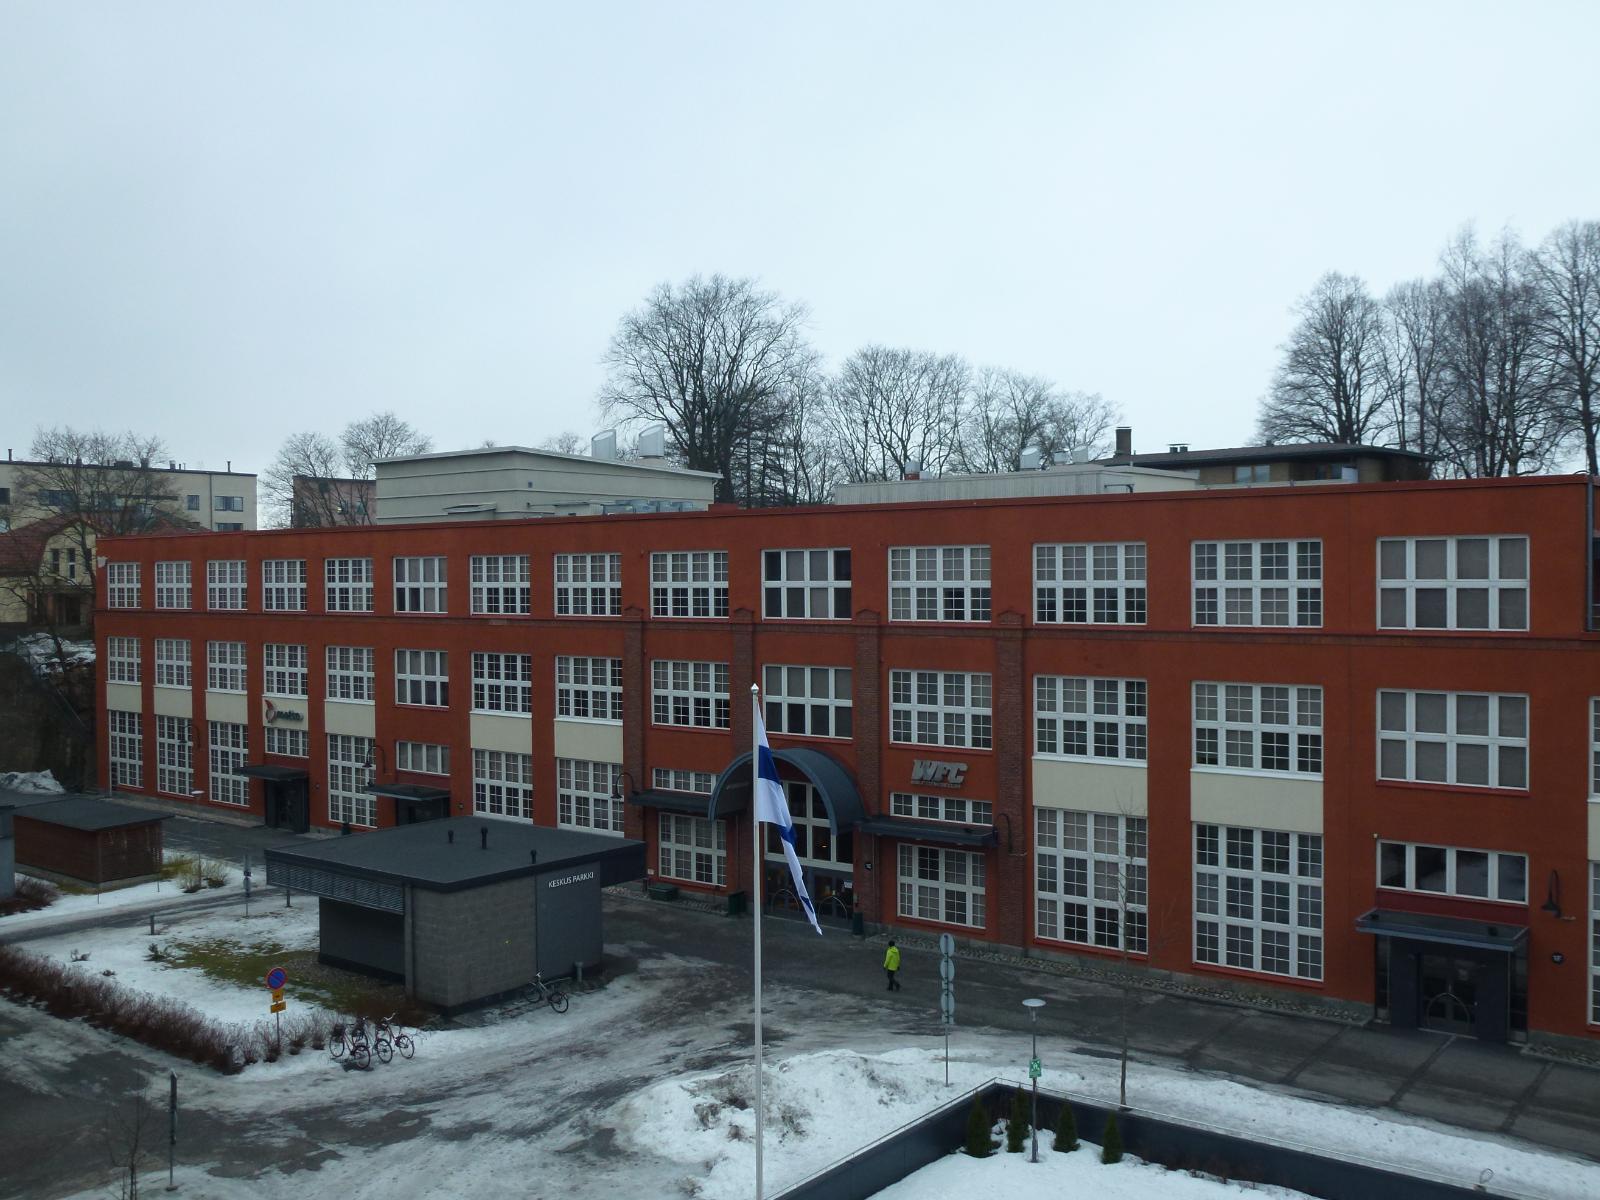 Kihlmaninraitti 1, Tampella, Tampere